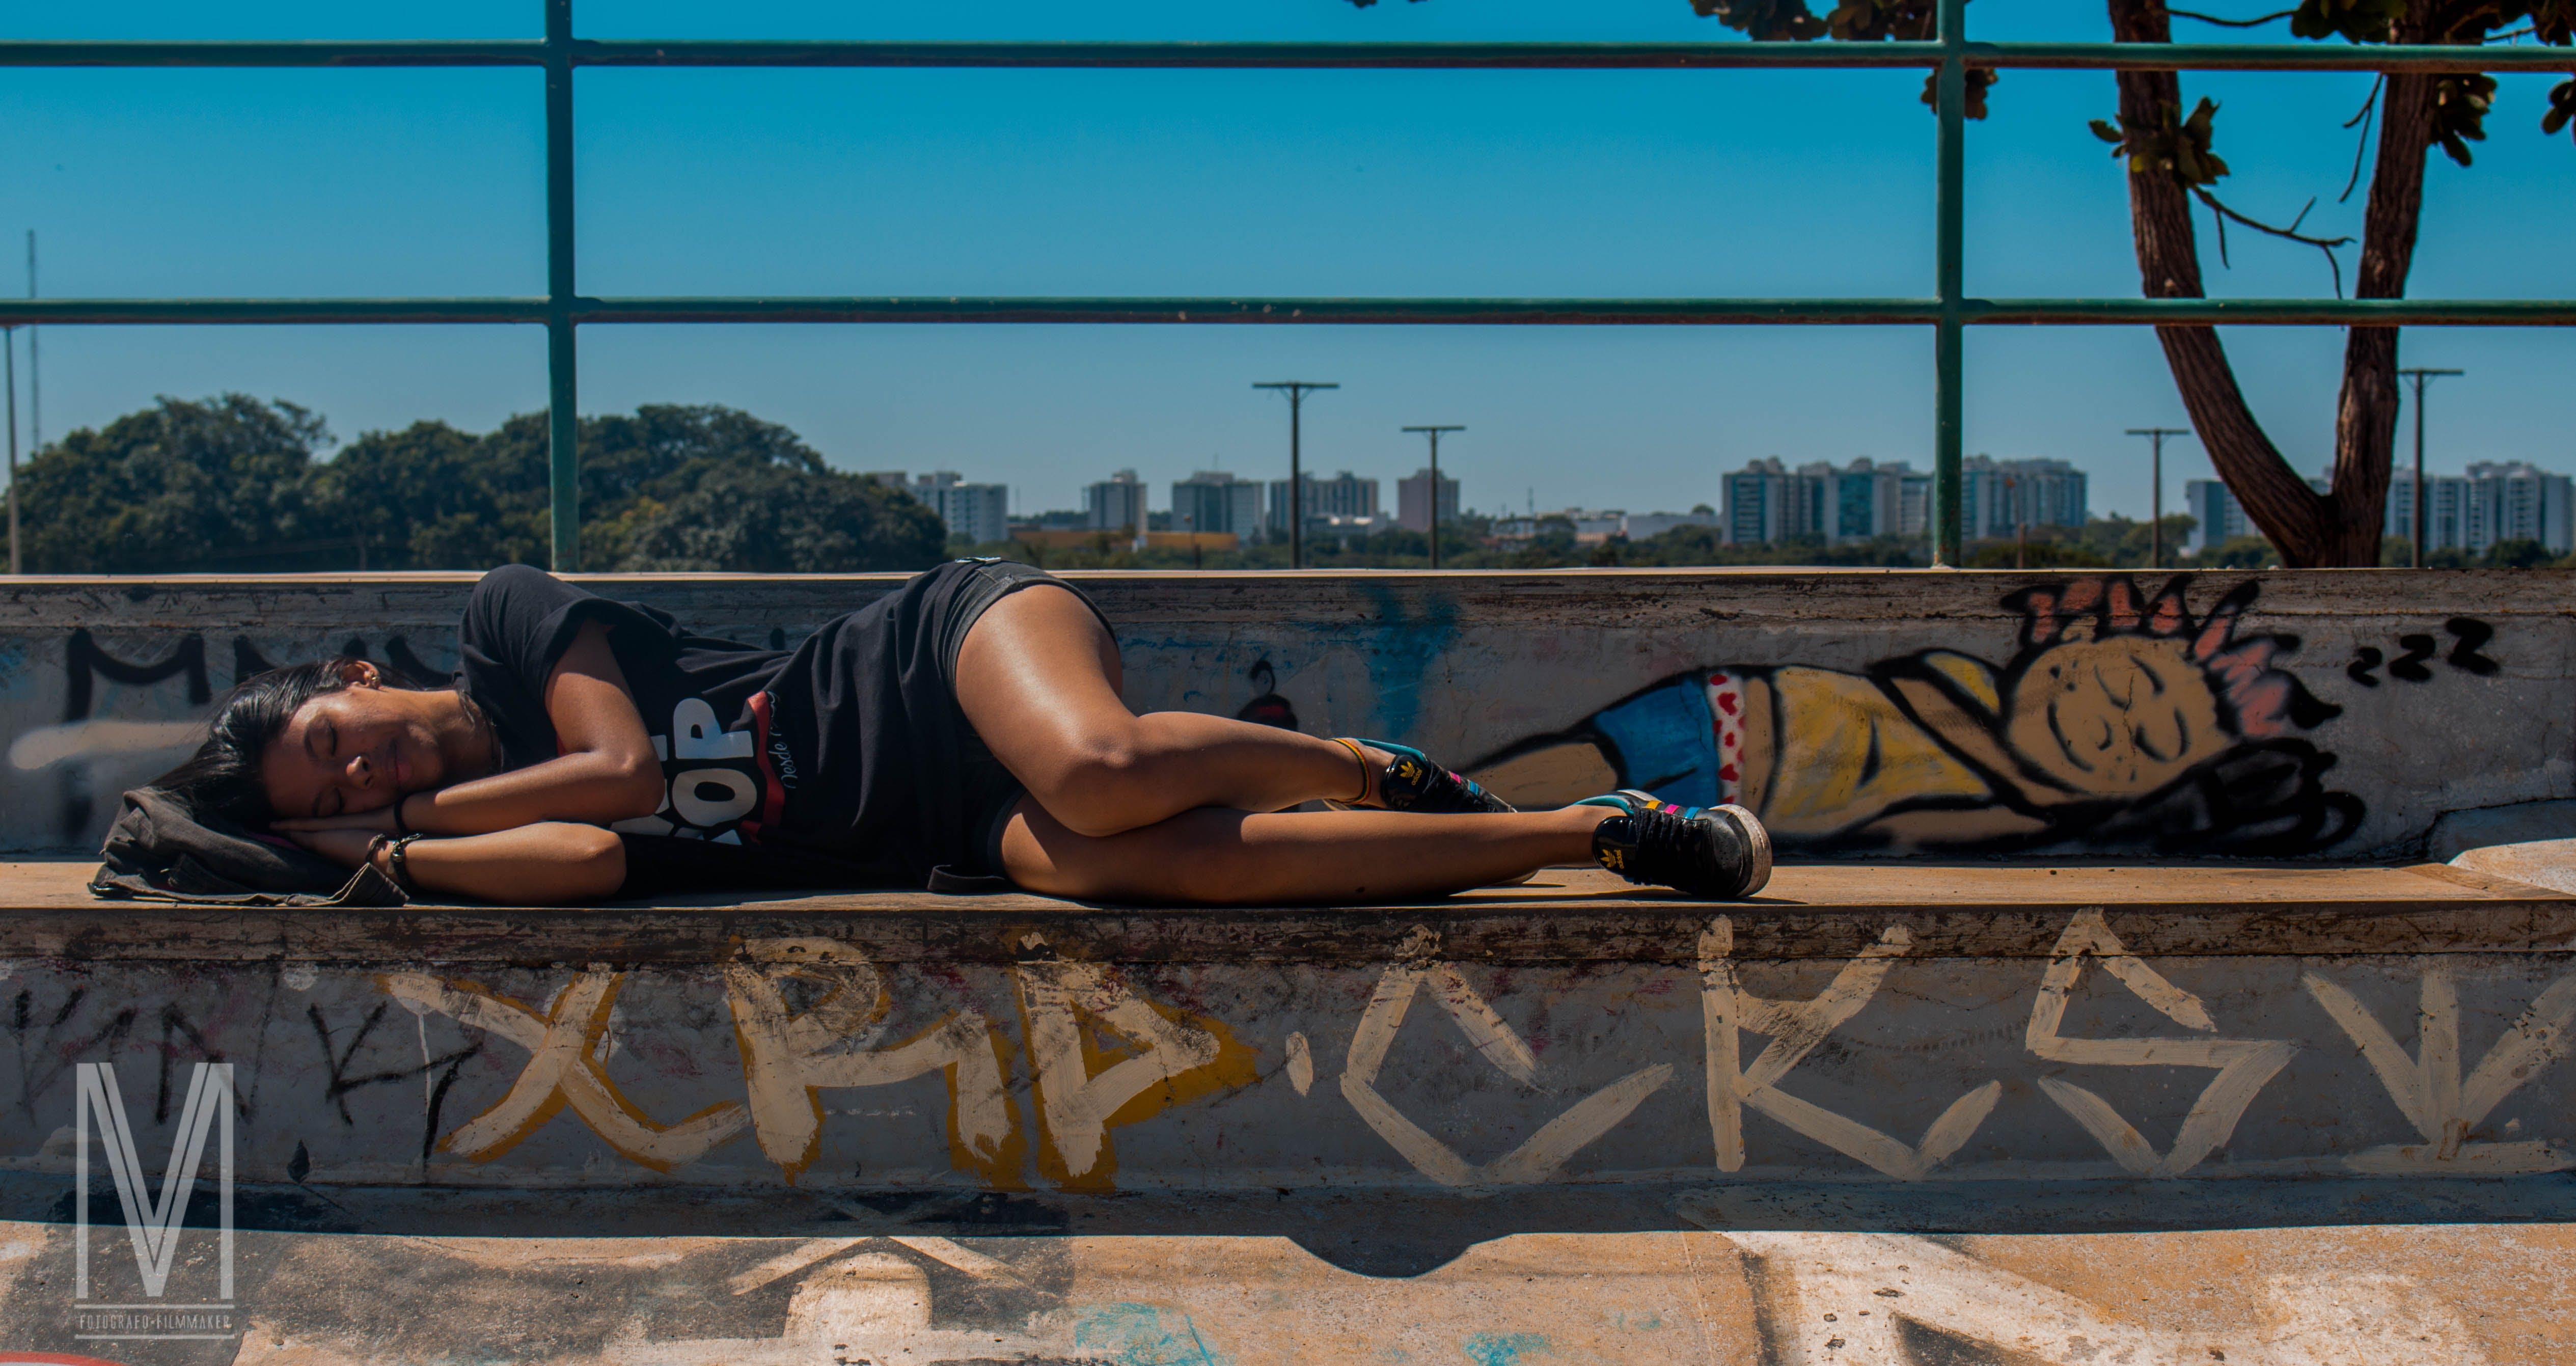 Foto d'estoc gratuïta de adormit, dona, graffiti, pista d'skate